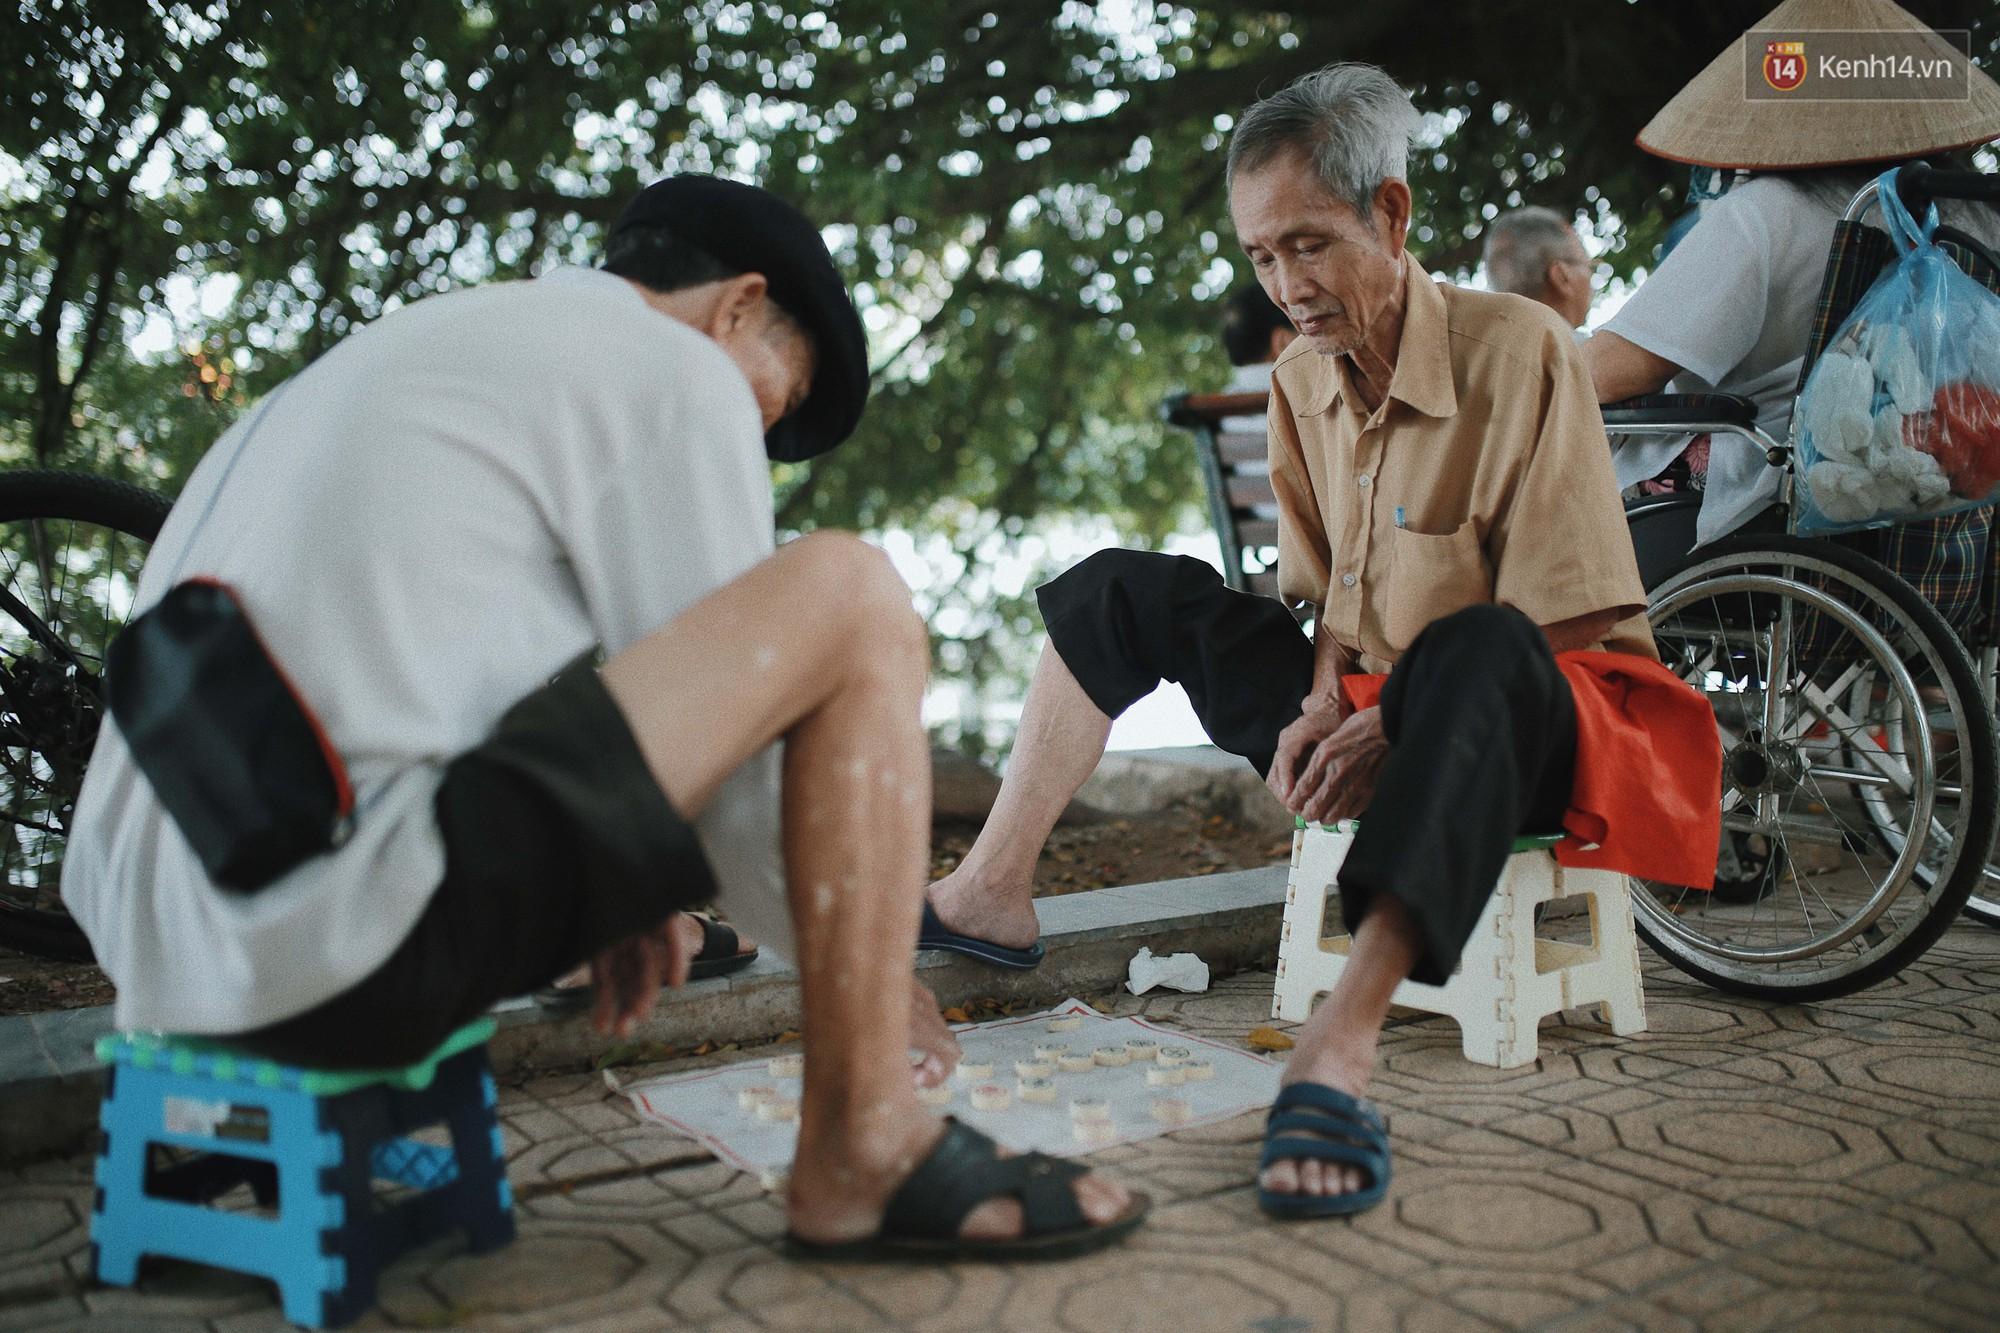 Có một Hà Nội luôn bình yên và khiến người ta sống chậm lại mỗi khi thu về - Ảnh 6.